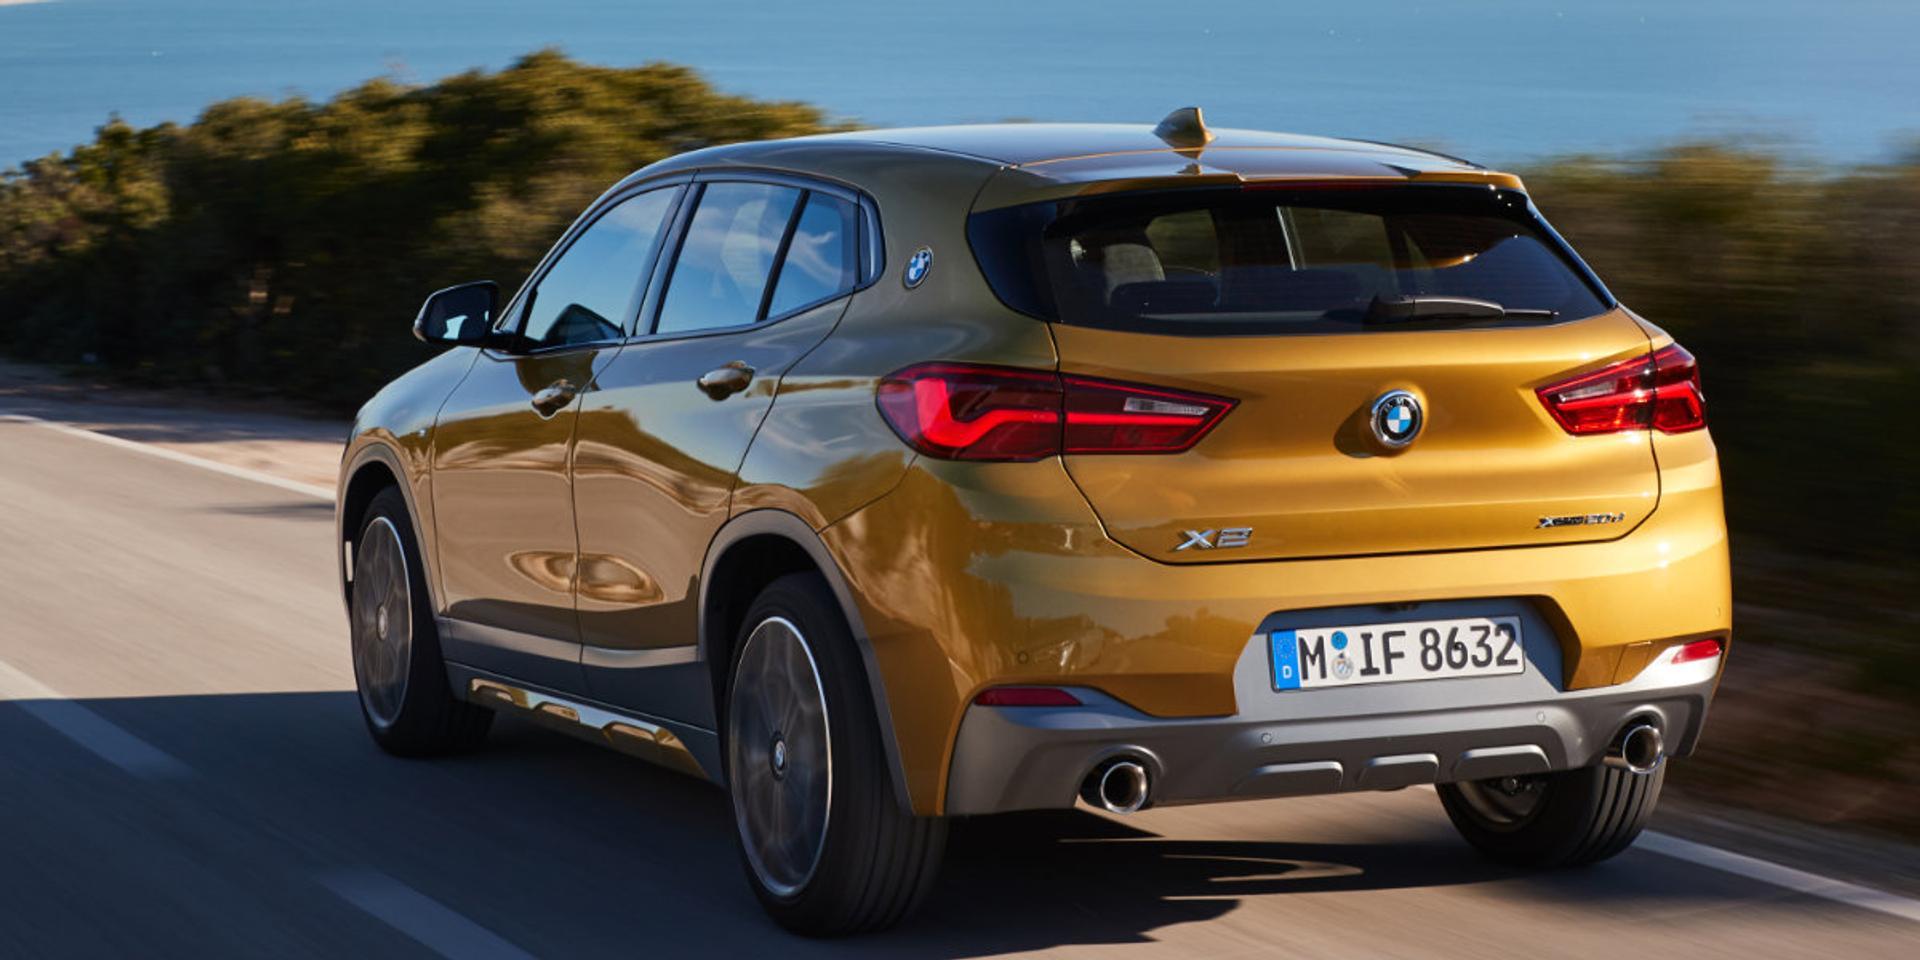 BMW X2 rear view